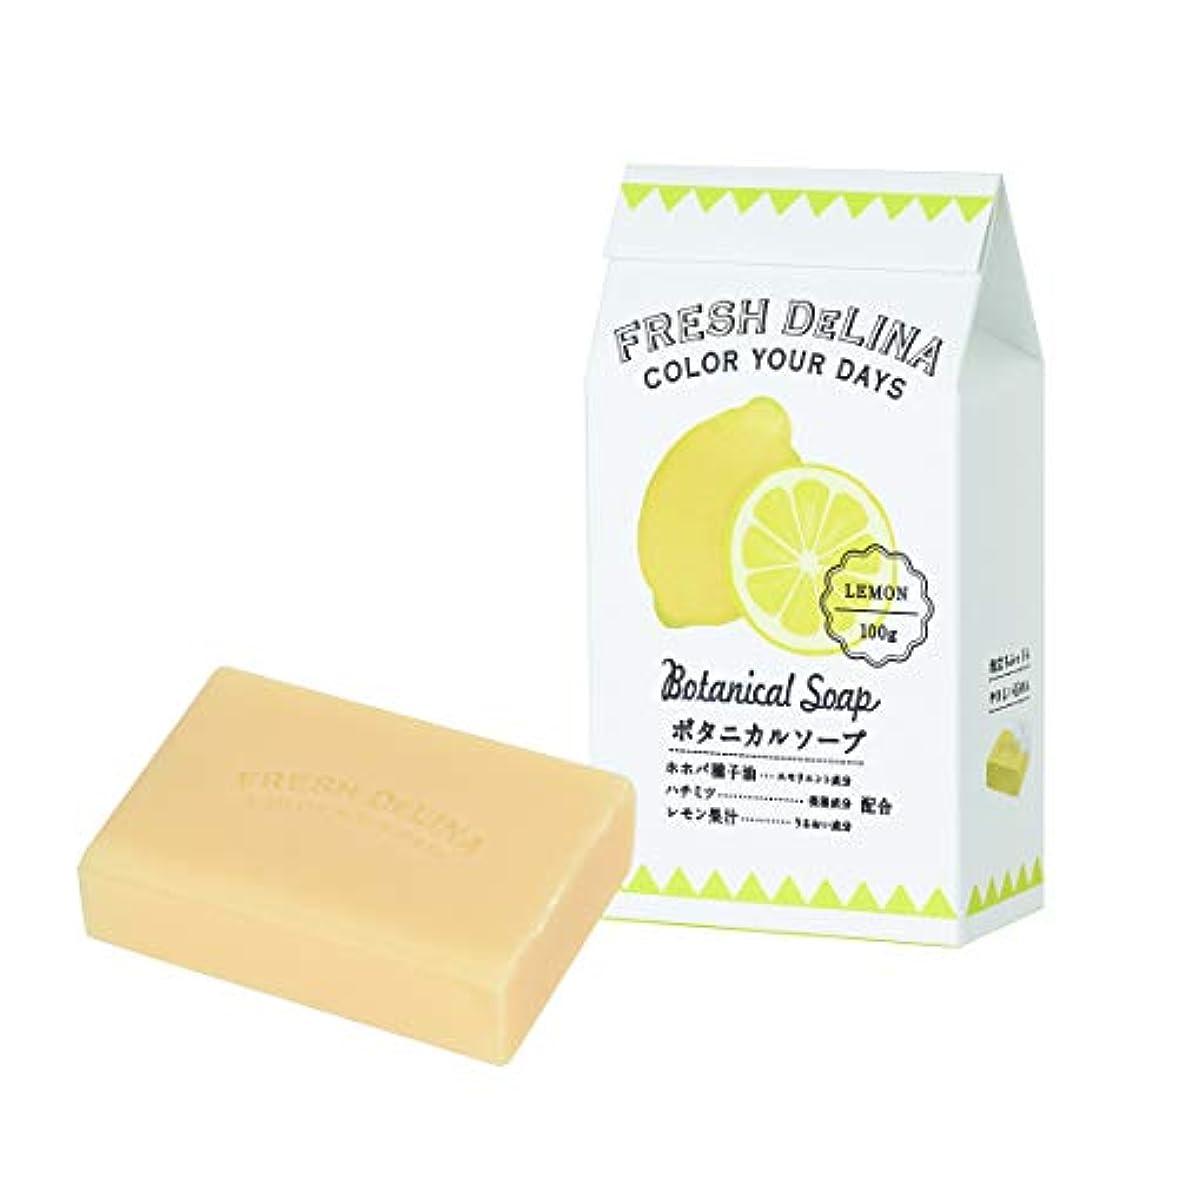 上に分泌するフレッシュデリーナ ボタニカルソープ レモン 100g